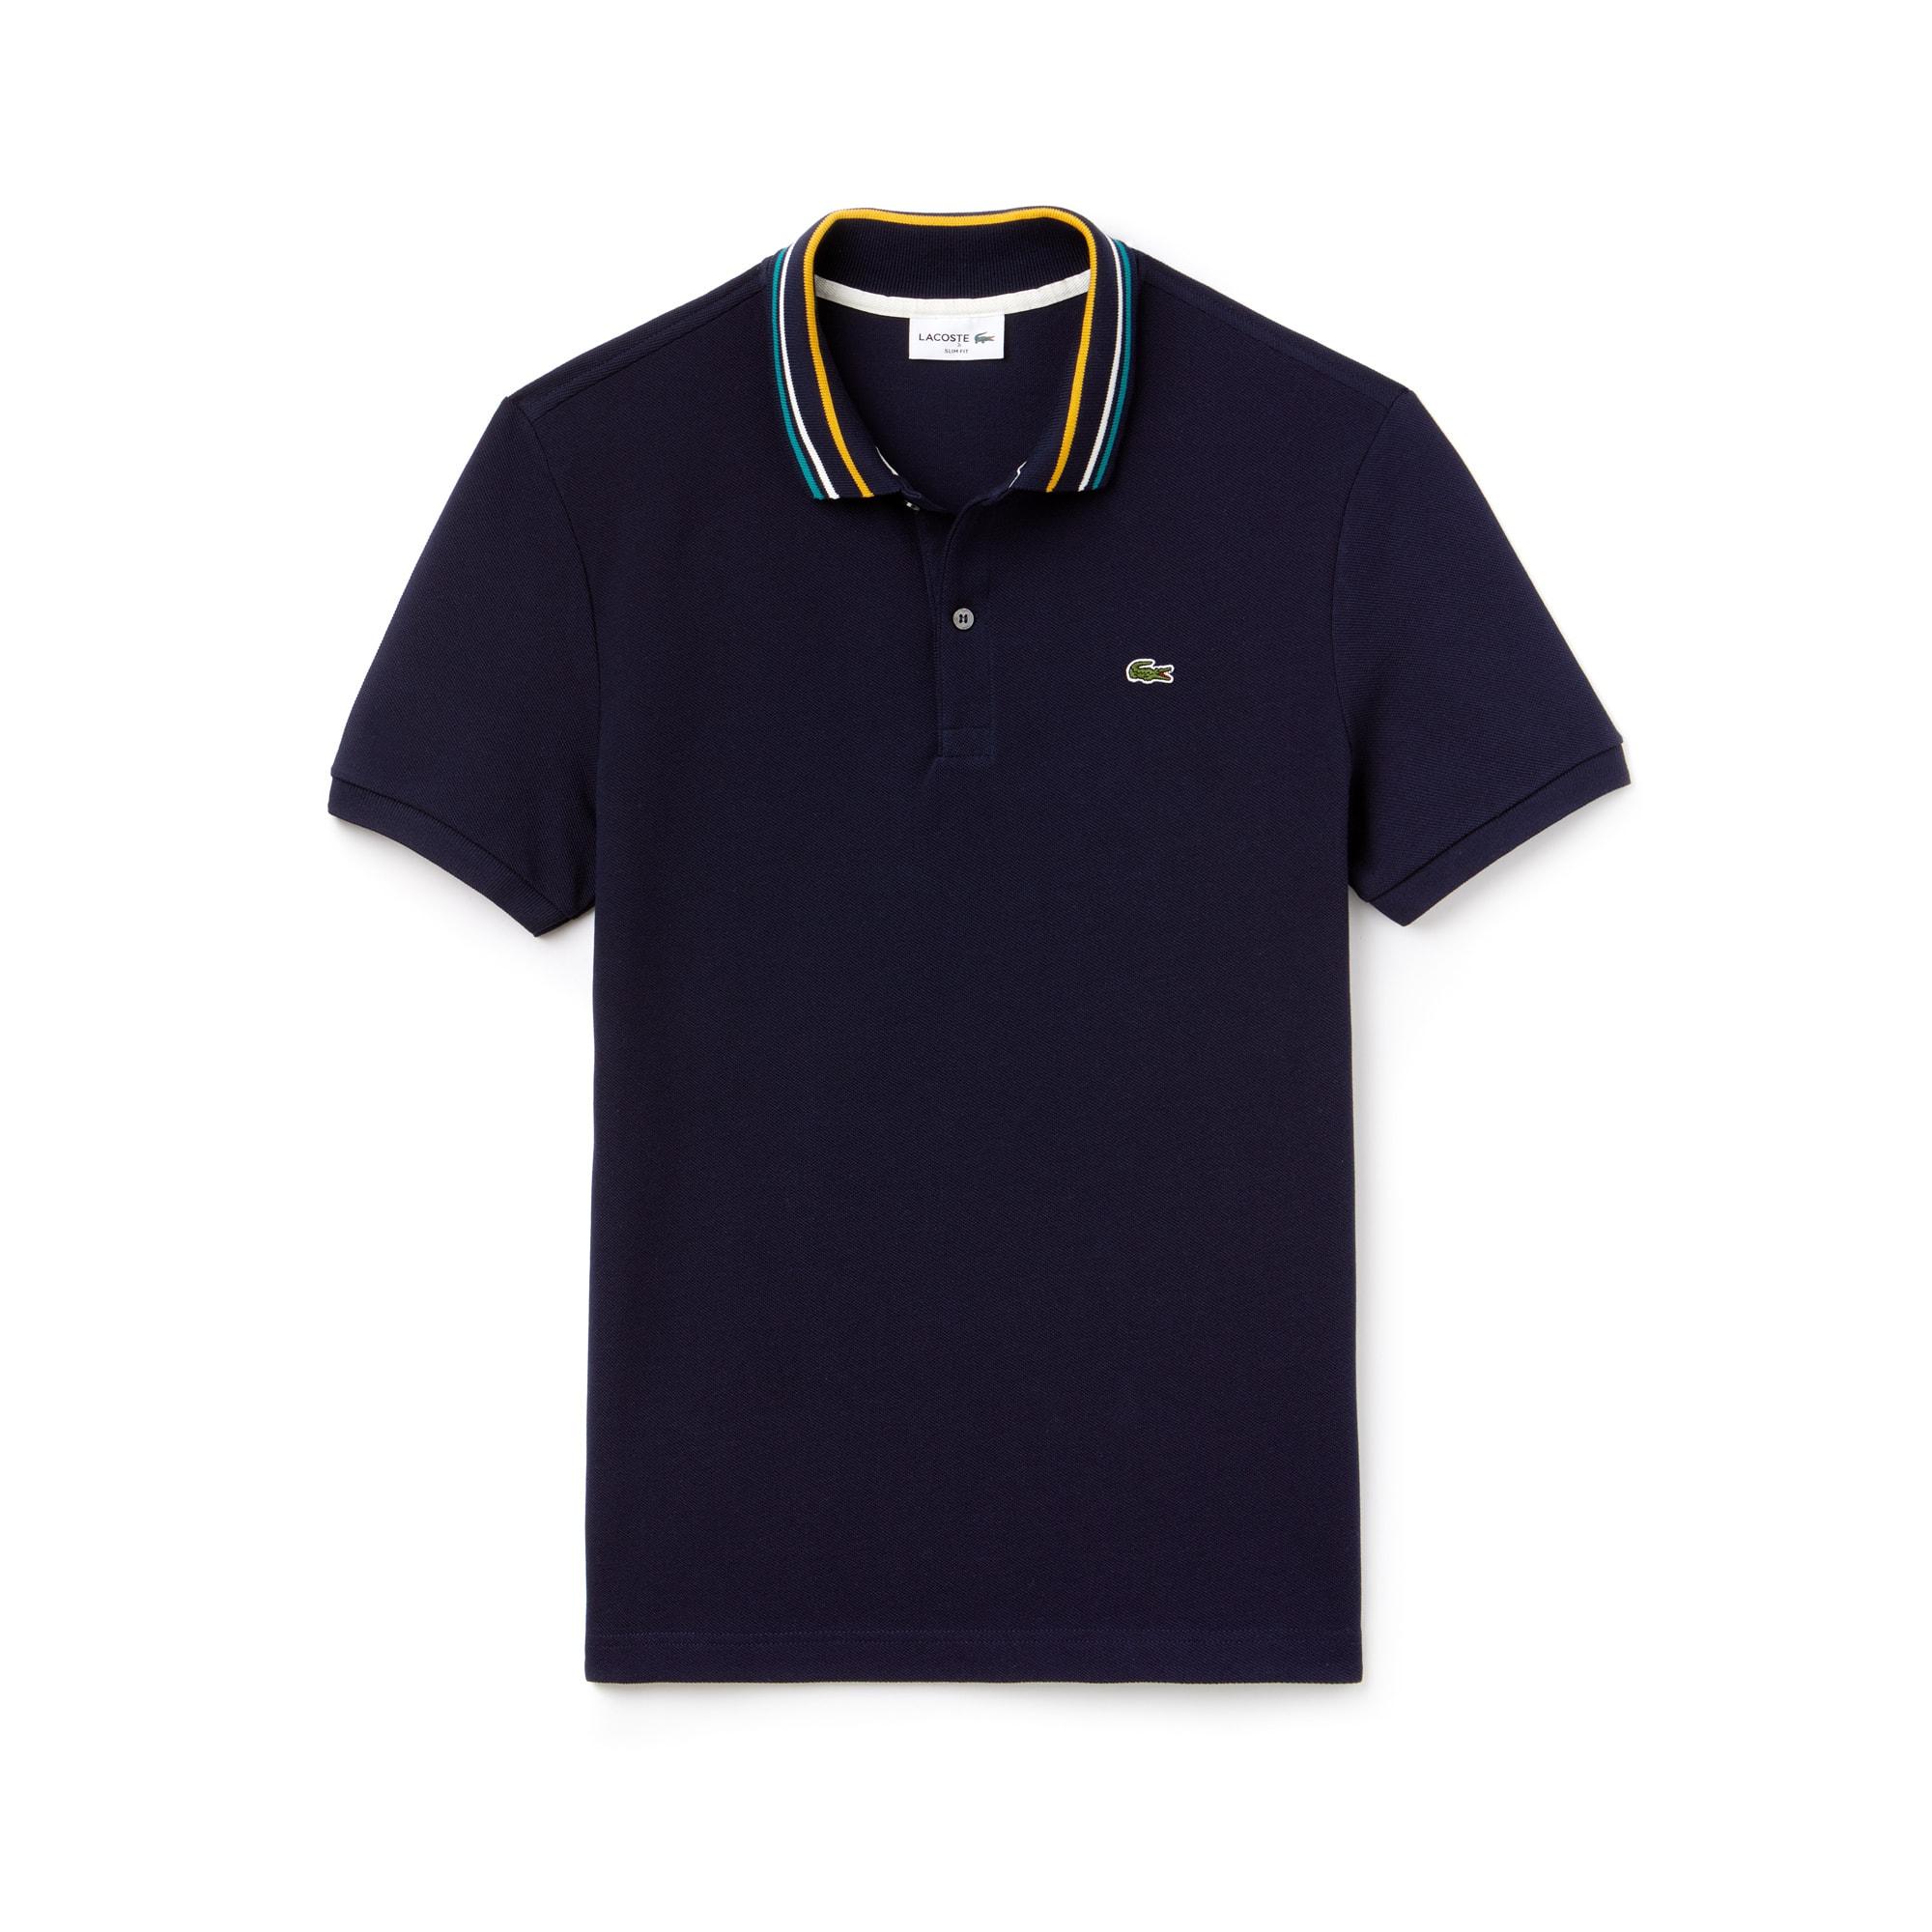 라코스테 Lacoste Mens Slim Fit Striped Contrast Collar Petit Pique Polo,navy blue